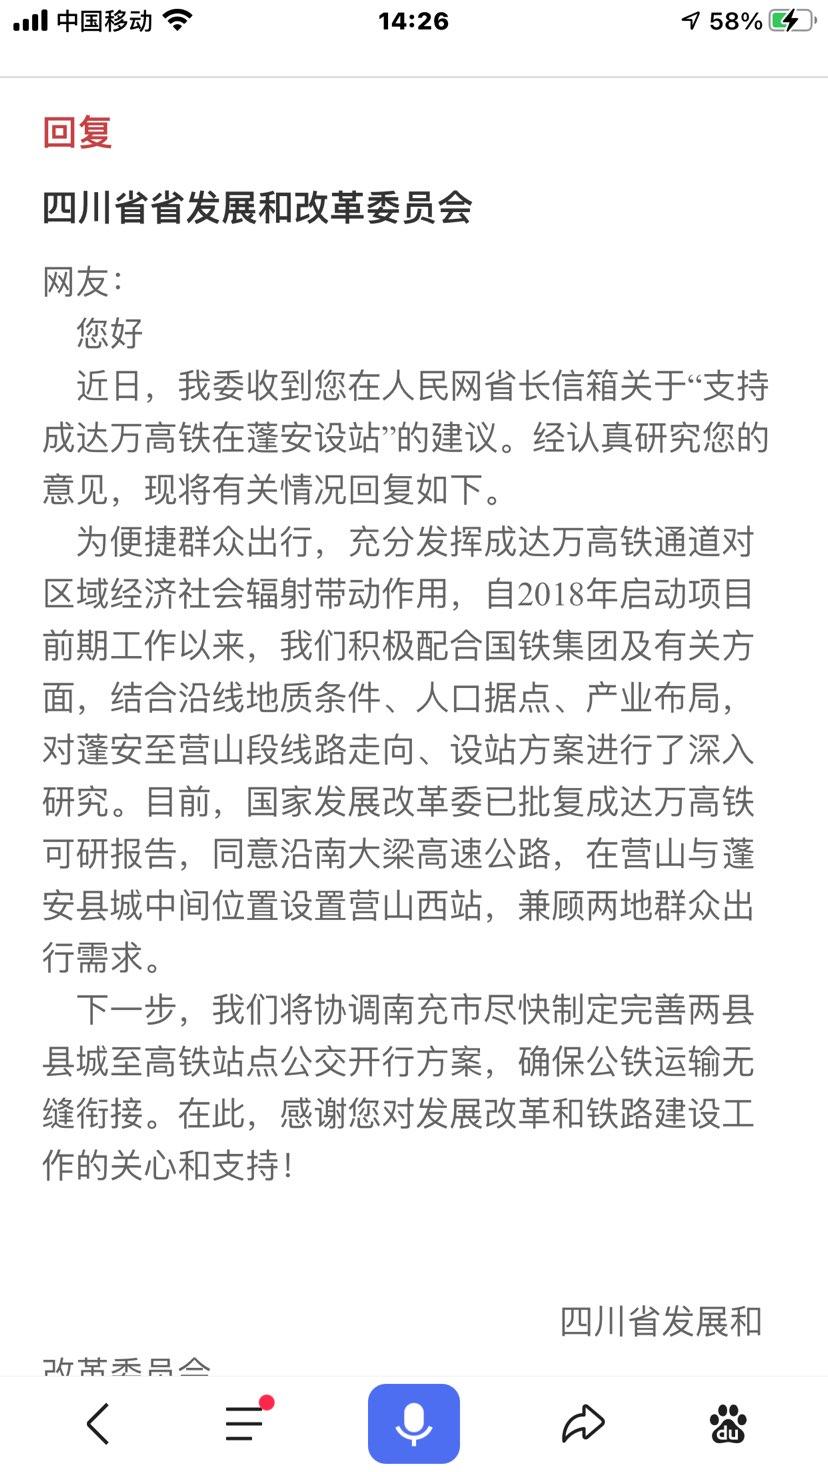 四川省省发展和改革委员会关于蓬安县成达万高铁设站情况回复 - 第1张  | 蓬安在线